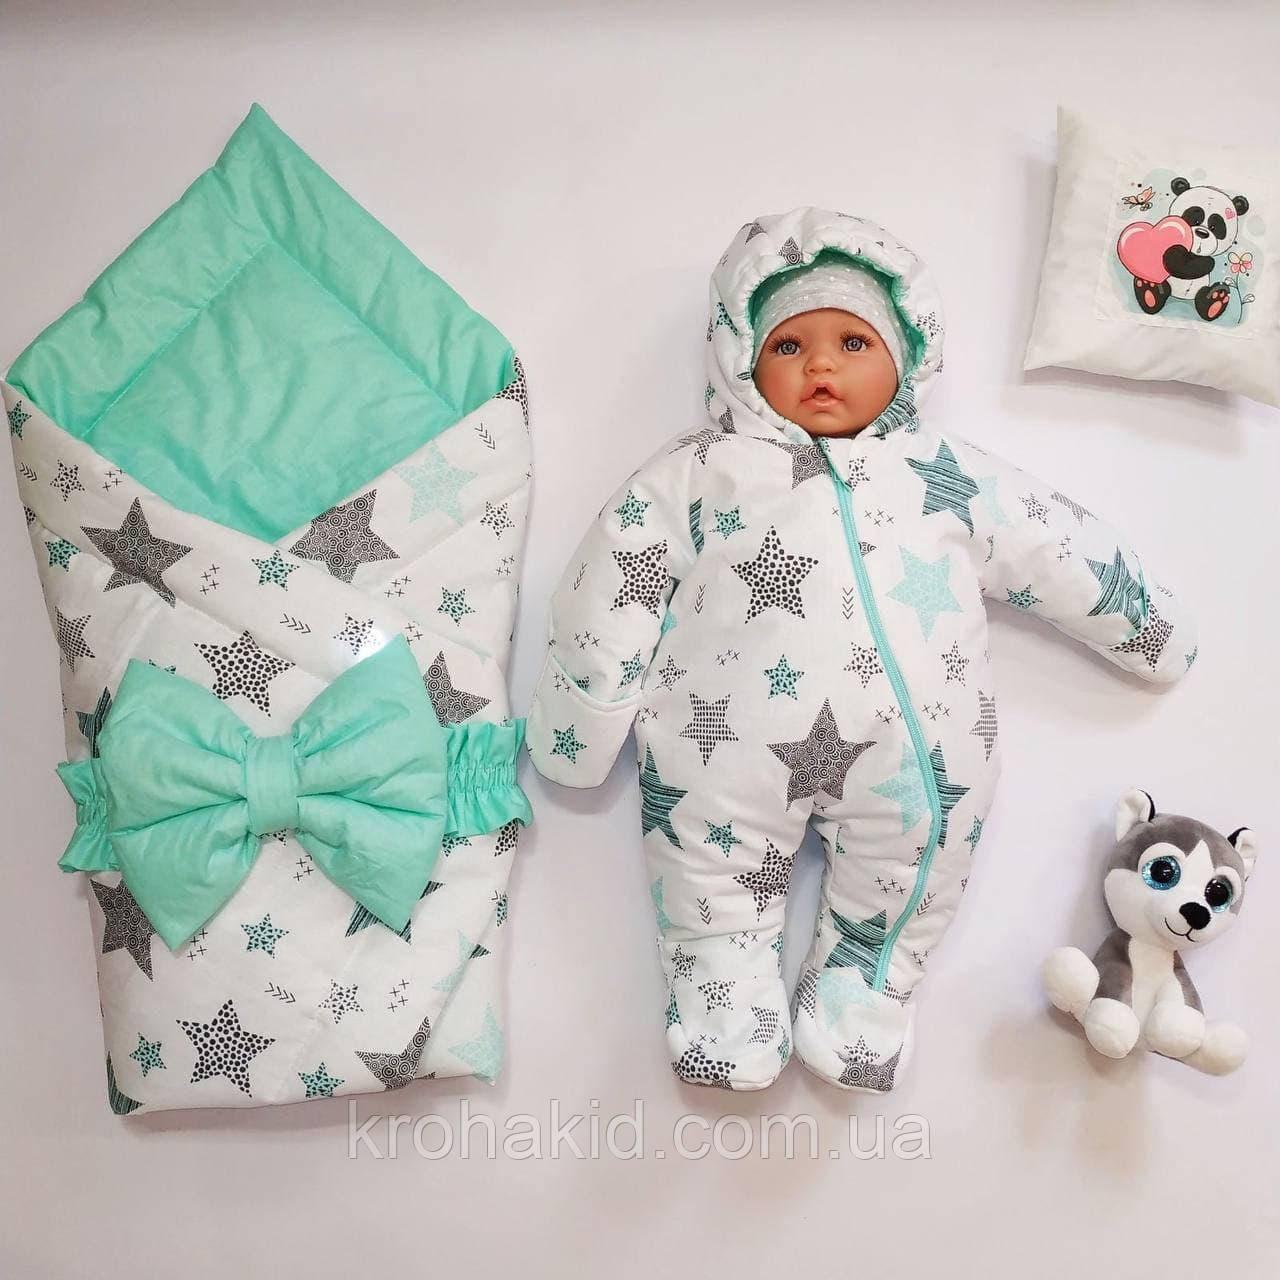 Демисезонный комплект на выписку для новорожденного: конверт с бантом и комбинезон